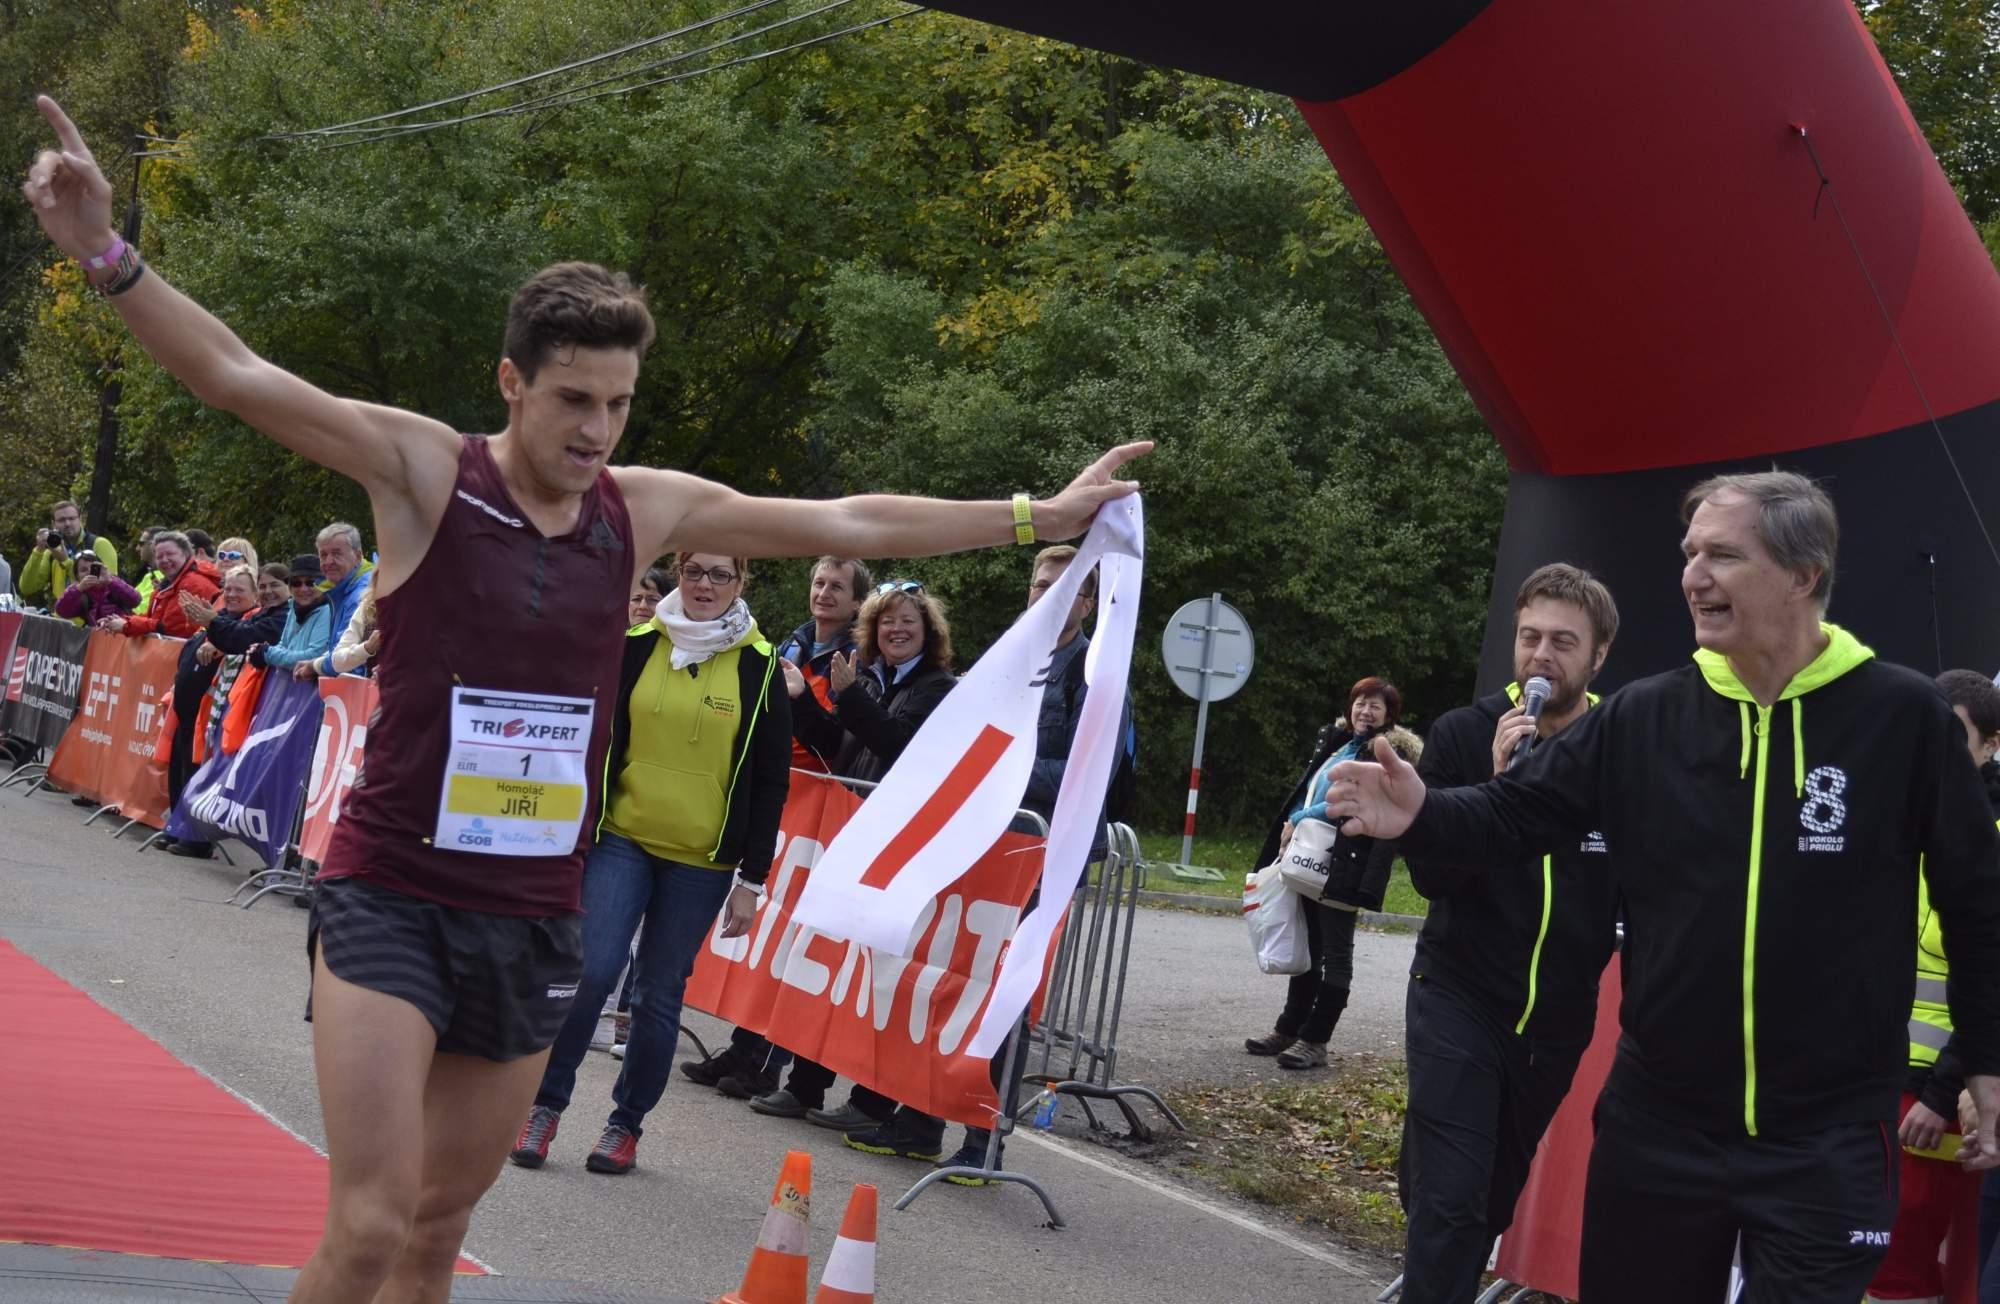 Absolutním vítězem závodu se již počtvrté stal Jiří Homoláč